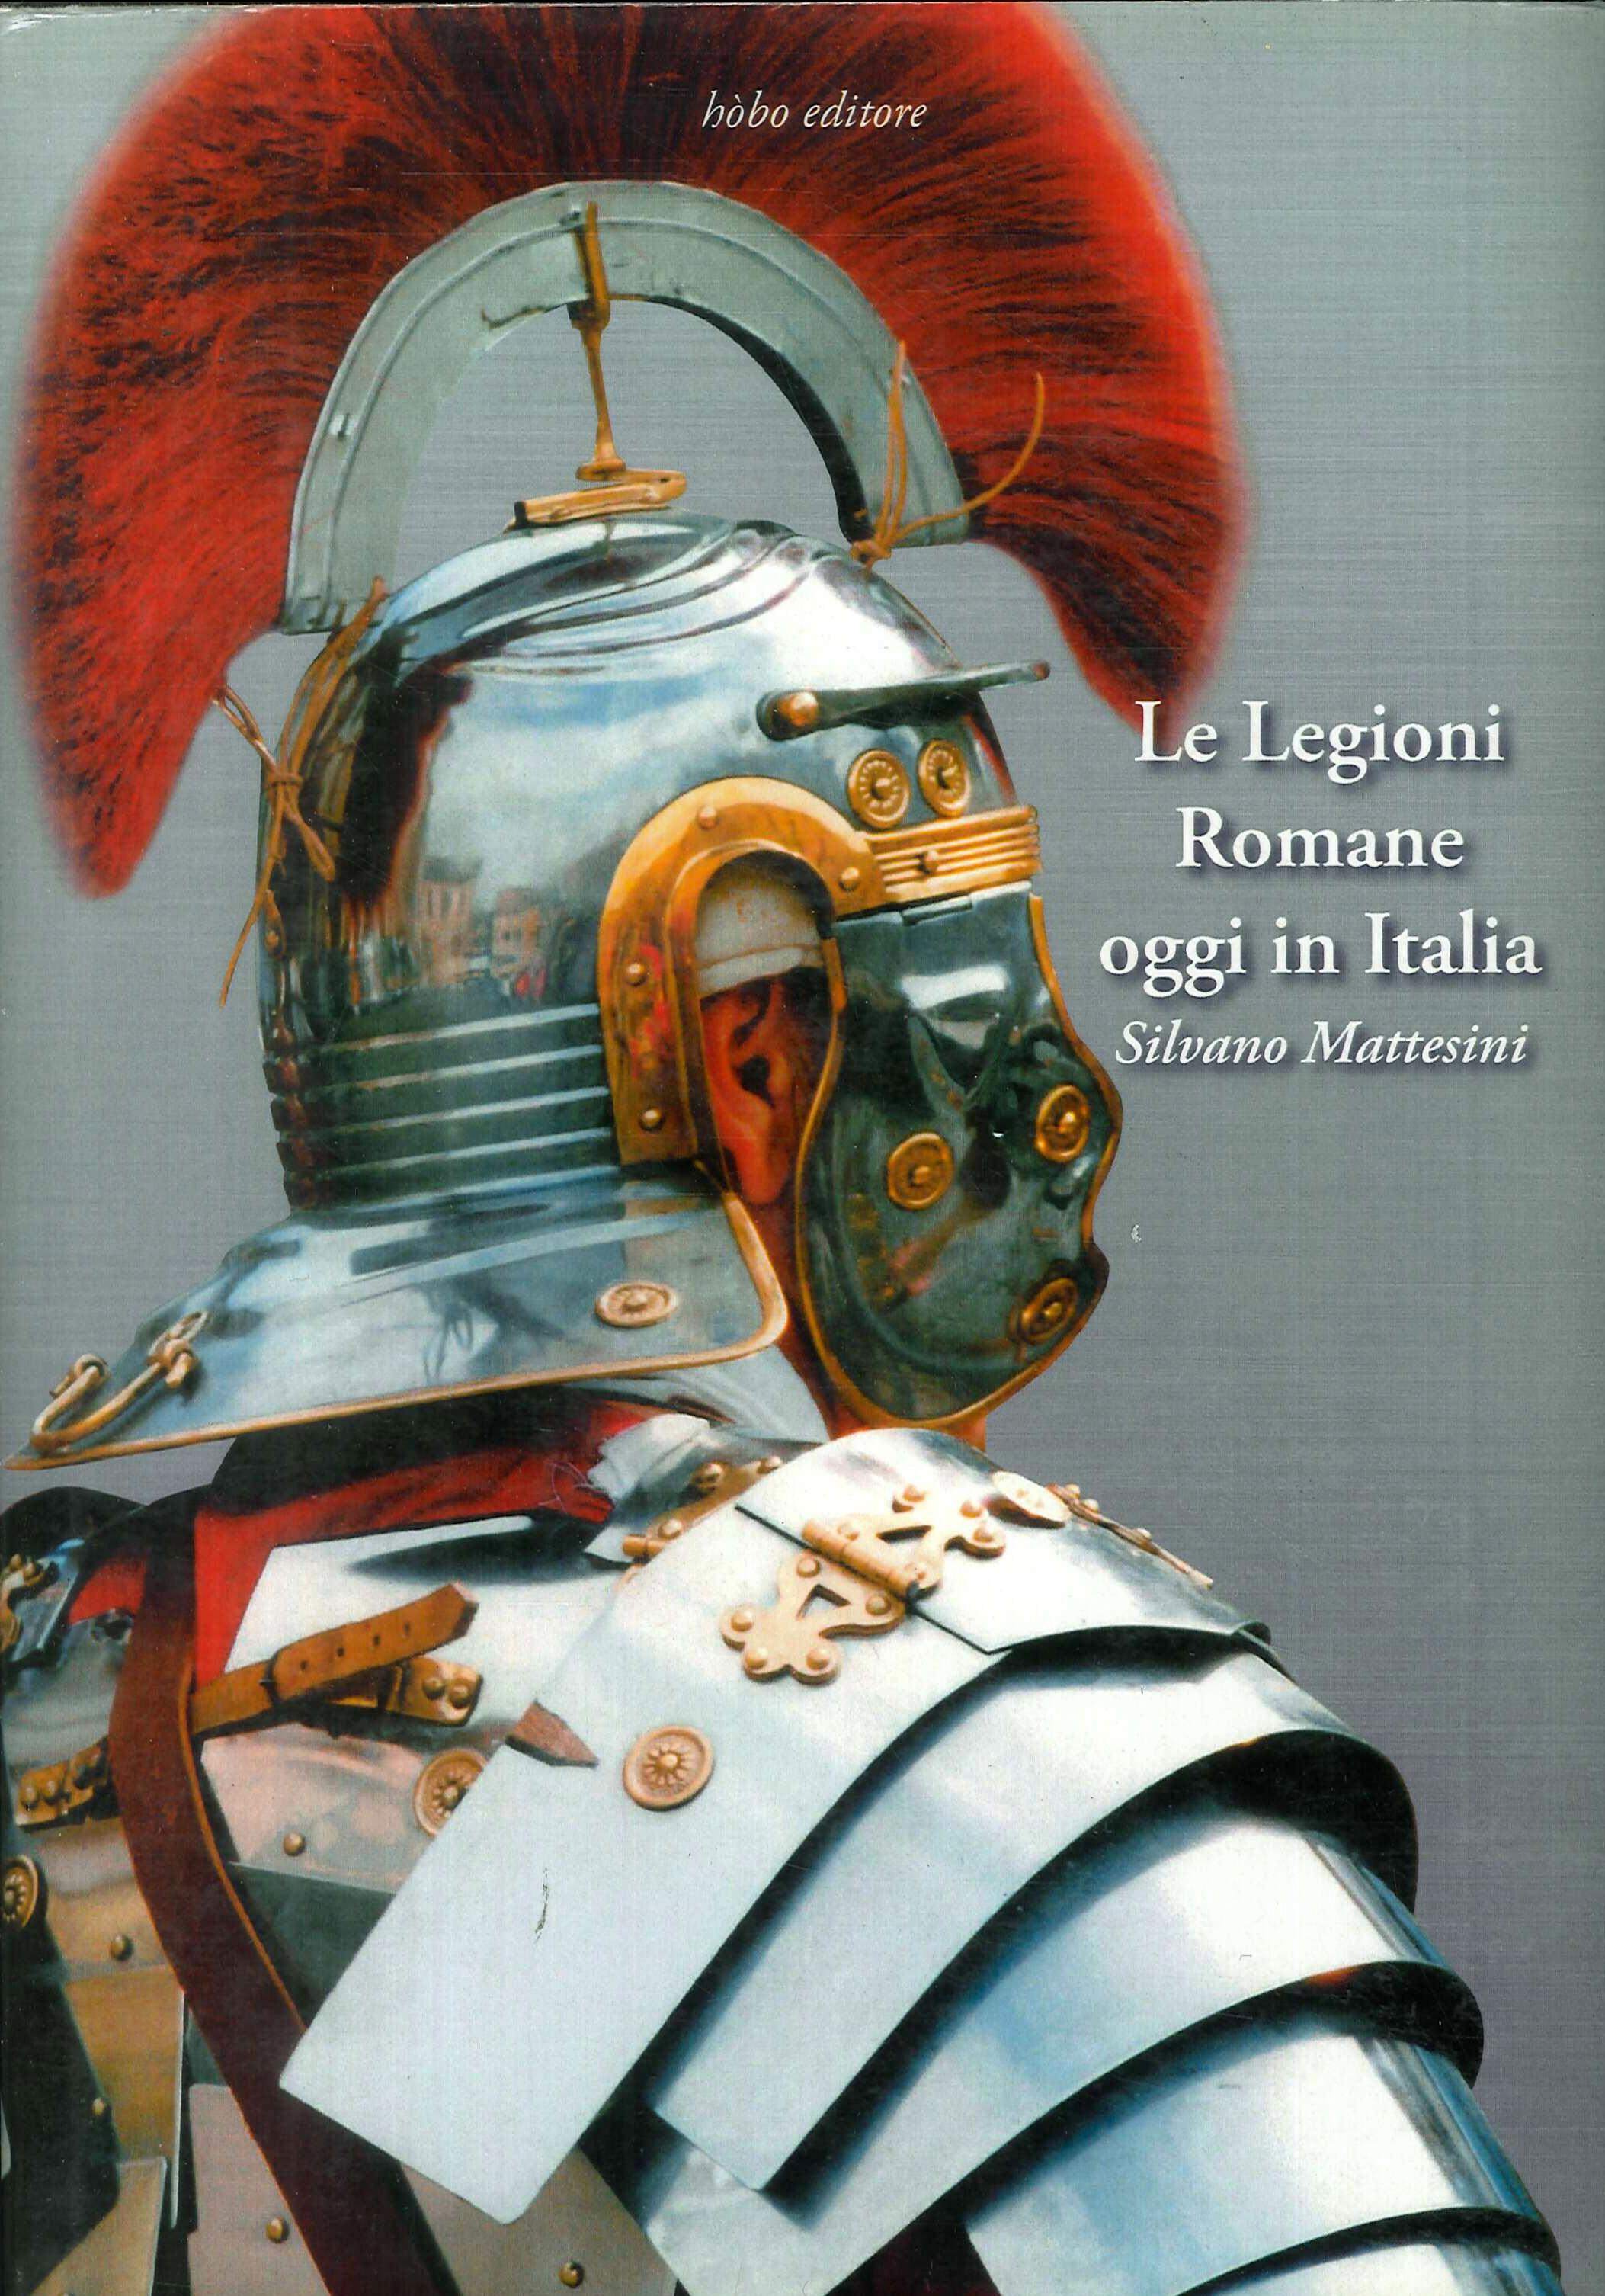 Le legioni romane oggi in Italia